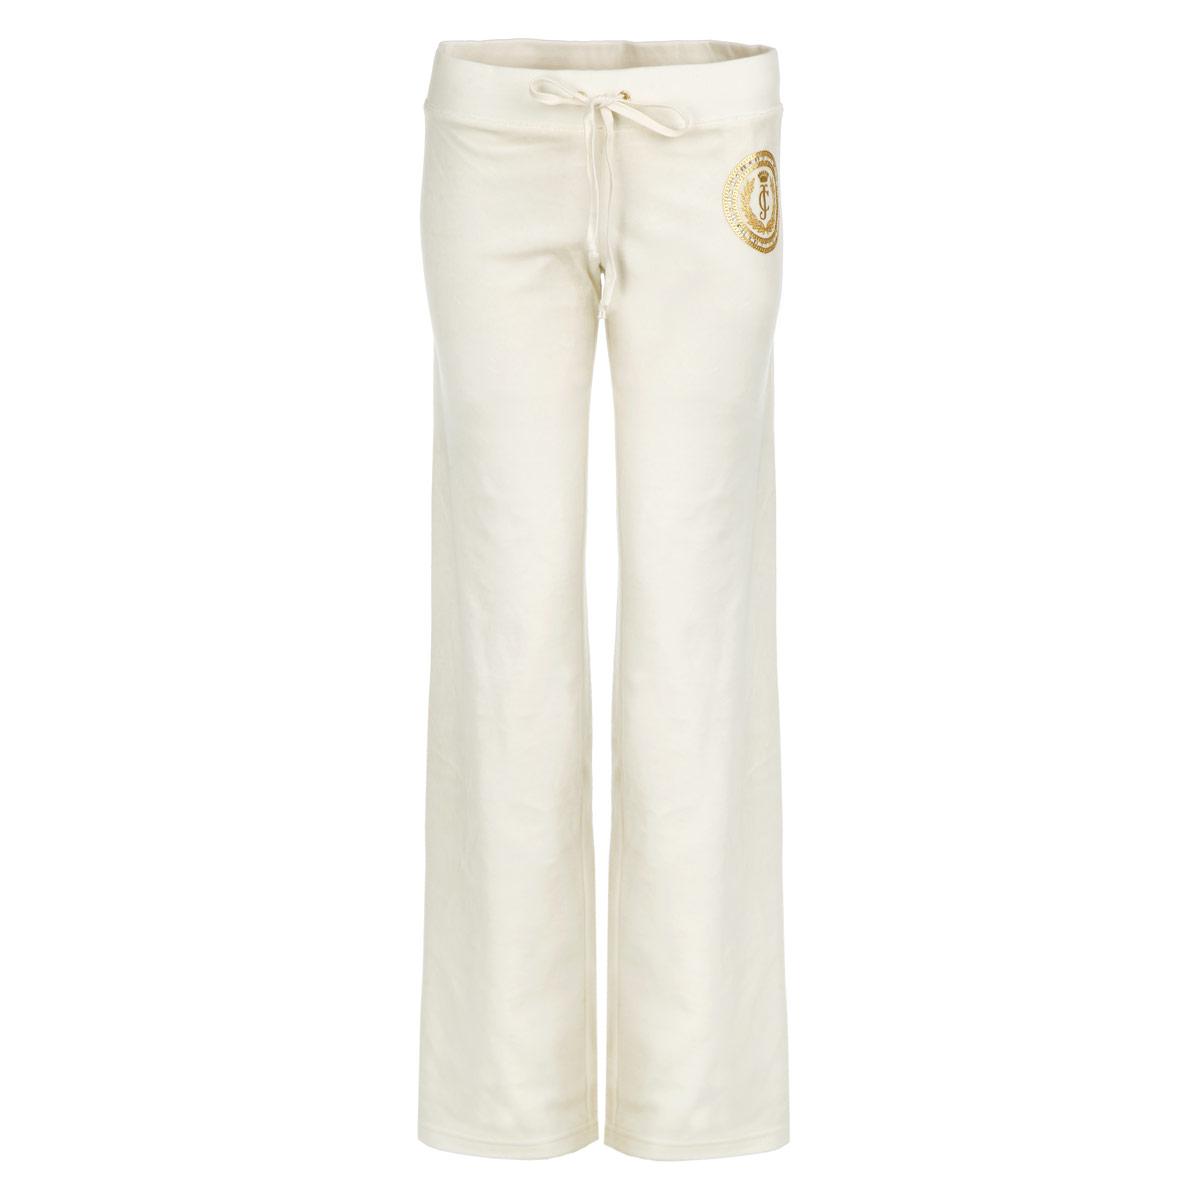 Брюки женский. WTKB31357/109WTKB31357/109Удобные женские брюки Juicy Couture, выполненные из велюра высочайшего качества, отлично подойдут на каждый день. Модель прямого кроя - настоящее воплощение комфорта, такие брюки не сковывают движений и обеспечивают наибольшее удобство. Пояс брюк дополнен широкой эластичной резинкой с затягивающимся шнурком-кулиской. Брюки оформлены узором в блестящей золотистой печати. Эти модные и в тоже время комфортные брюки послужат отличным дополнением к вашему гардеробу. В них вы всегда будете чувствовать себя уютно и уверенно.